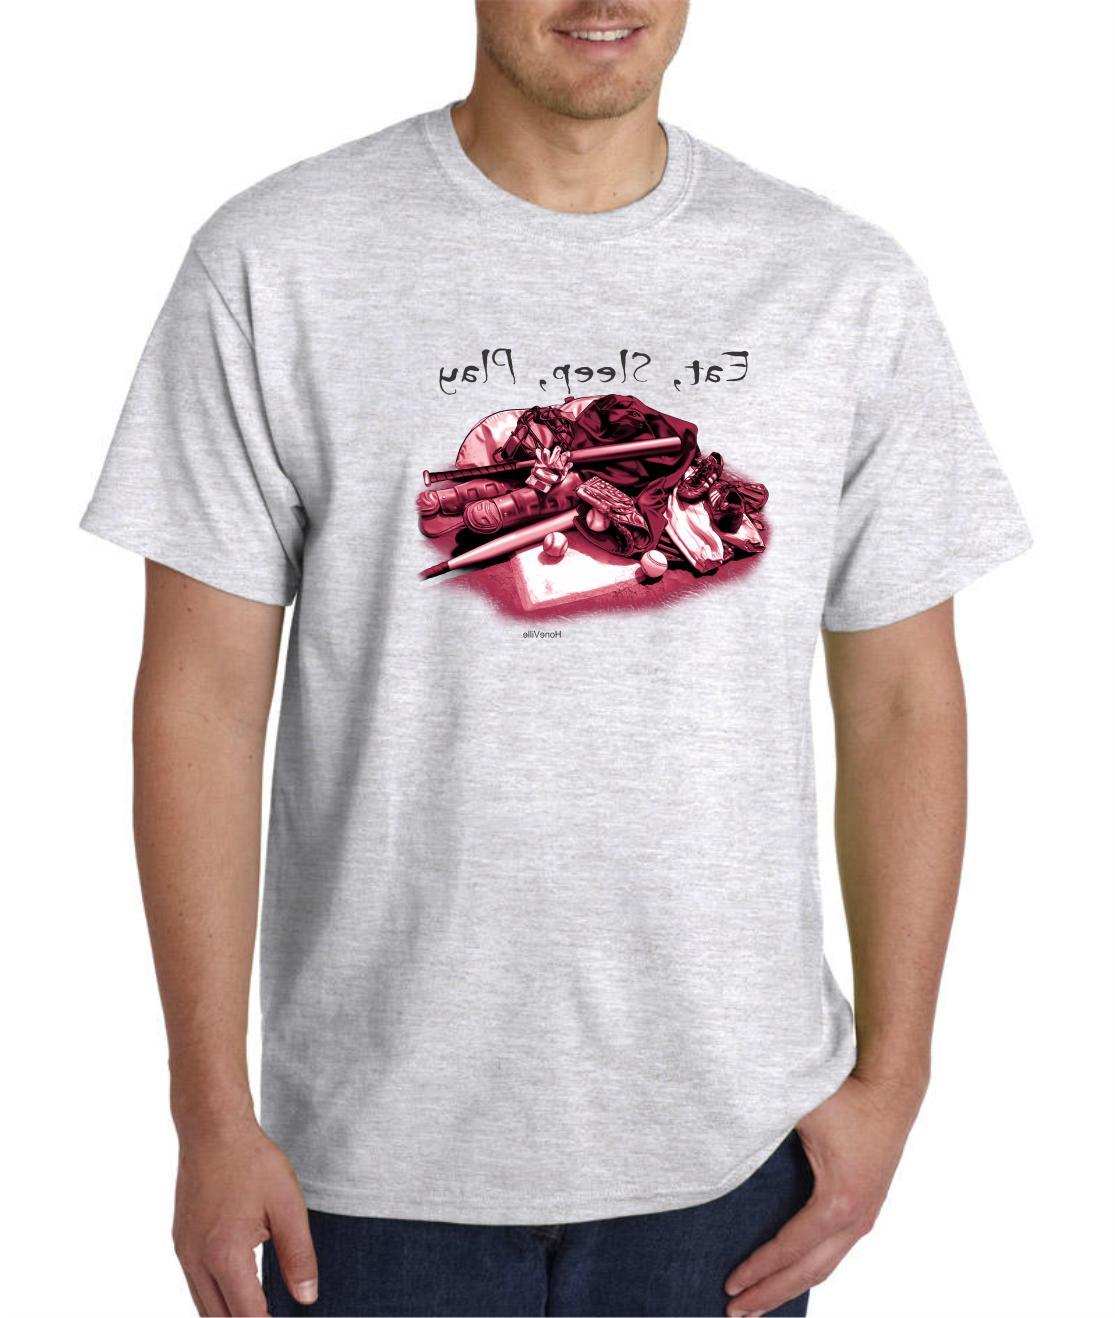 short sleeve t shirt baseball gear eat